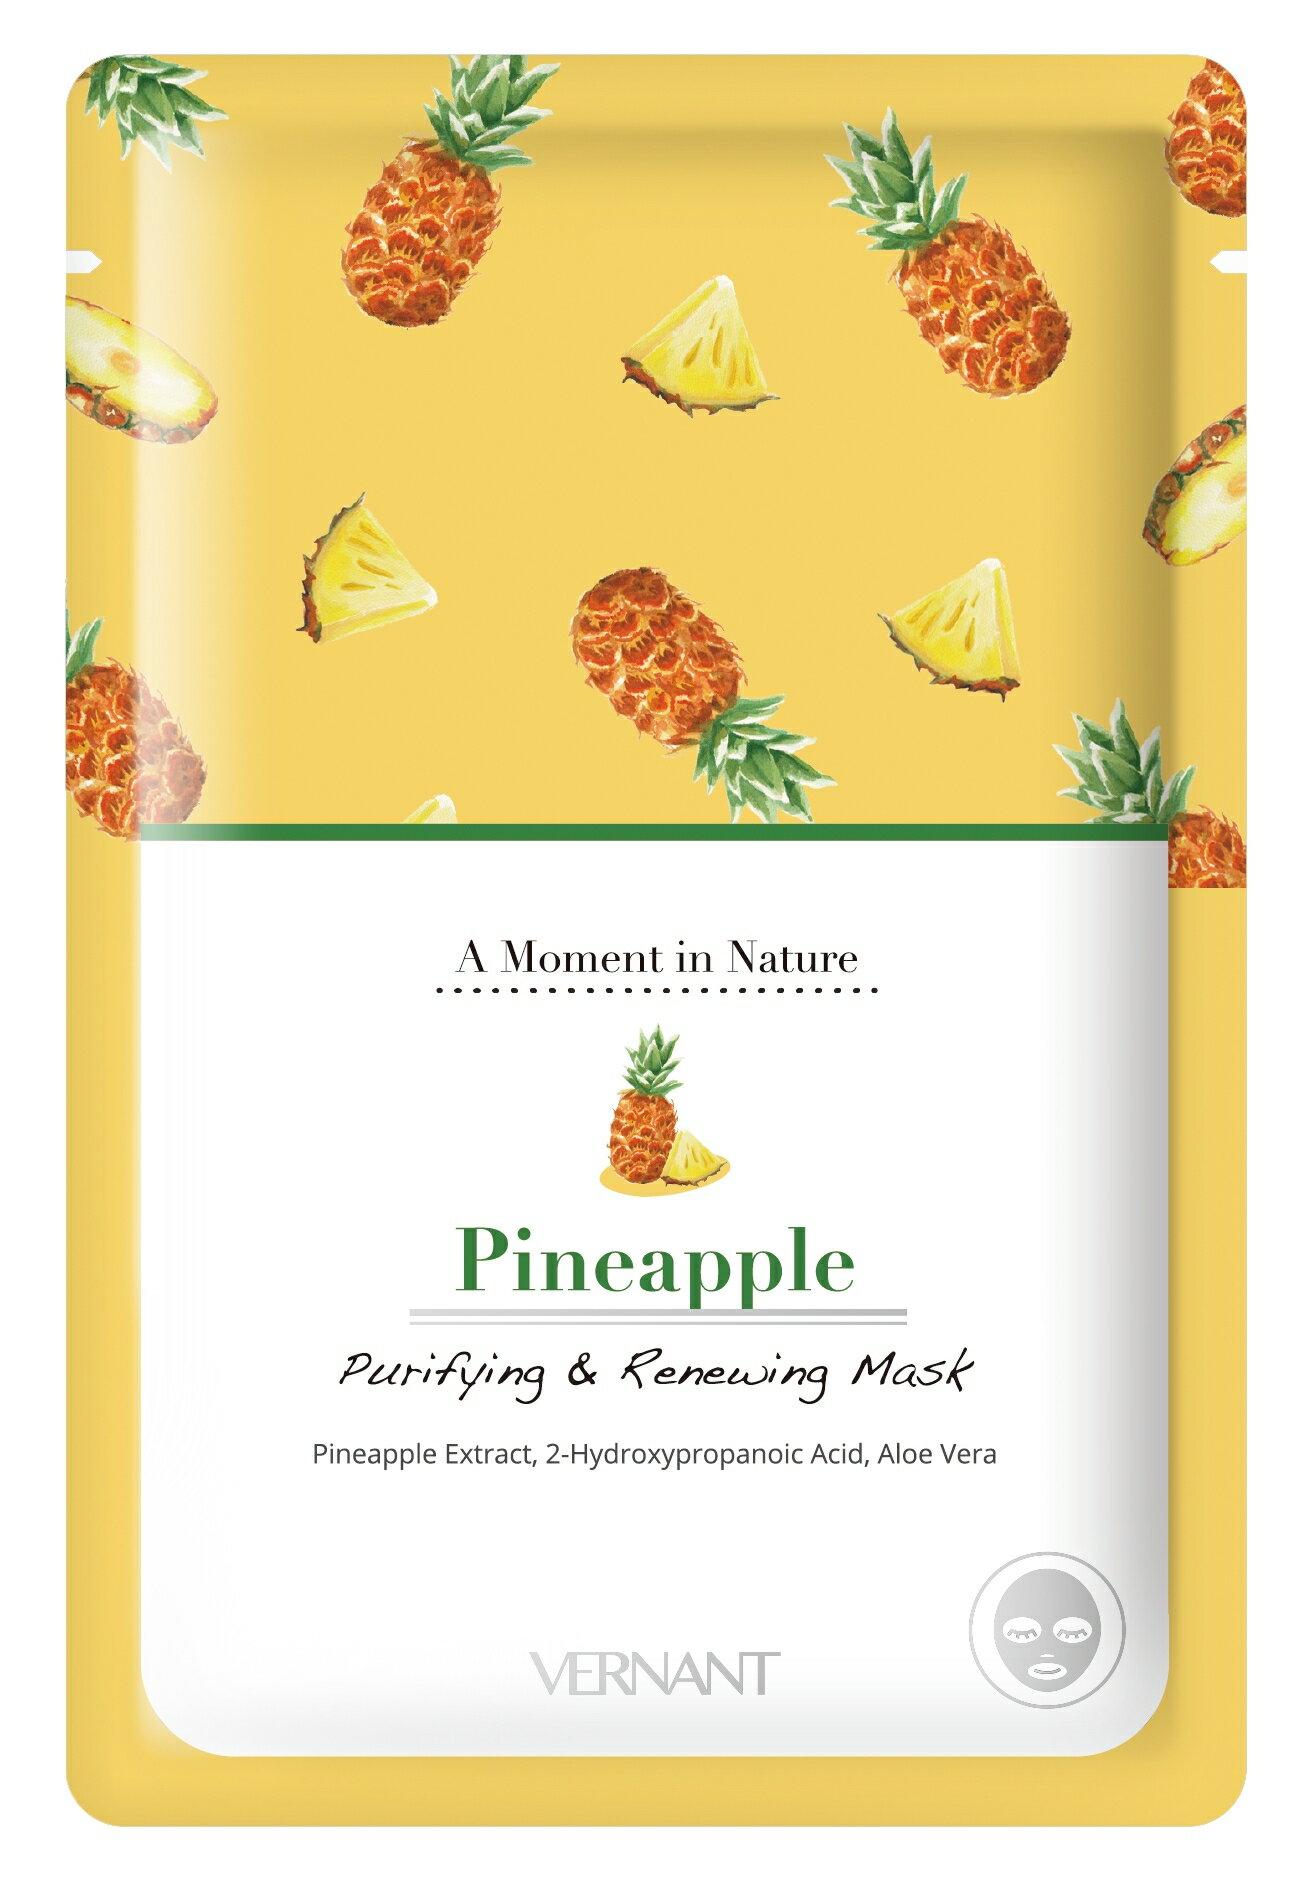 薇凝 鳳梨淨化更新補水面膜 八片入 鳳梨酵素 玻尿酸精華 Pineapple Purifying & Renewing Mask